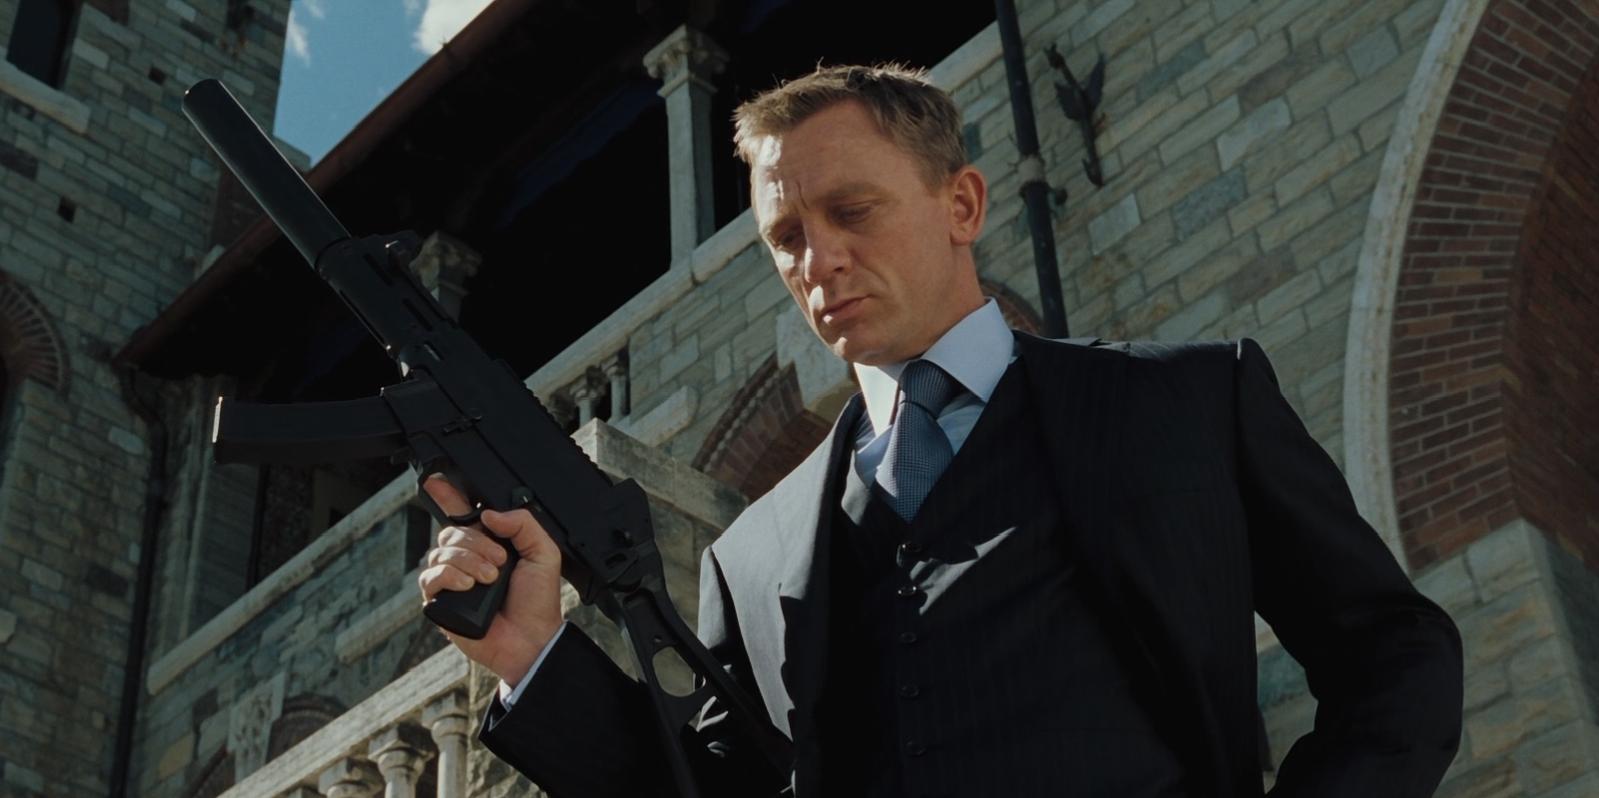 Daniel Craig Next James Bond Movie